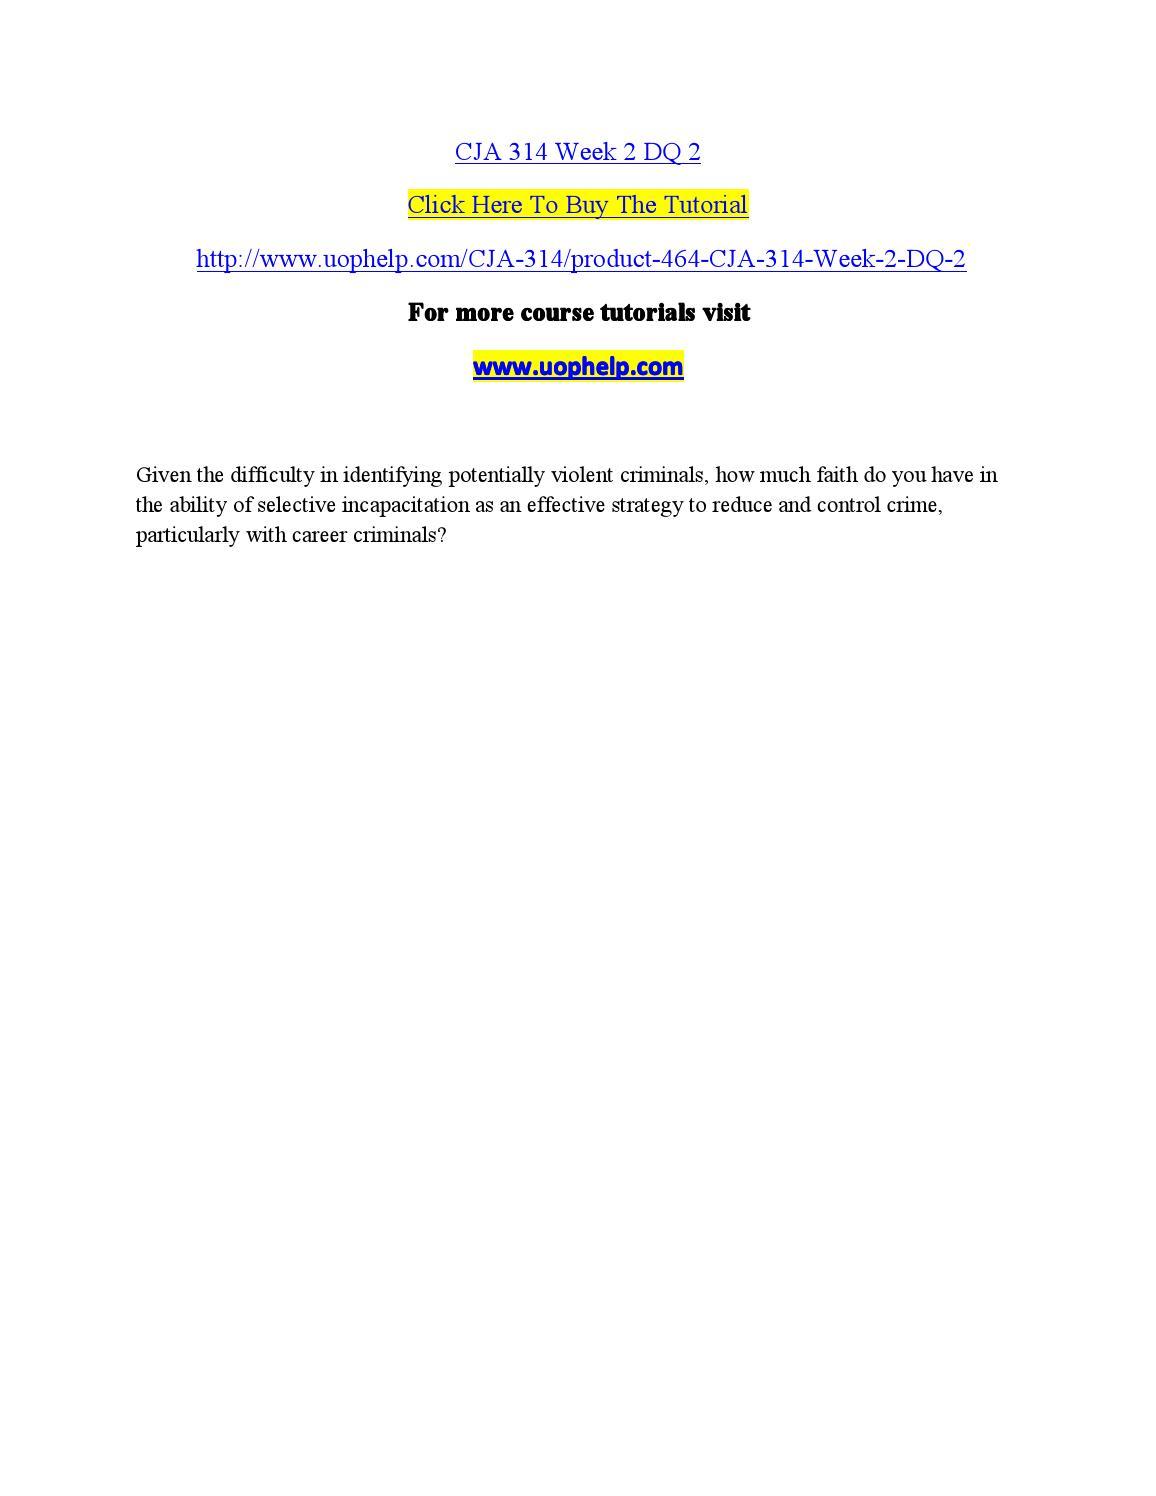 prison term recommendation paper